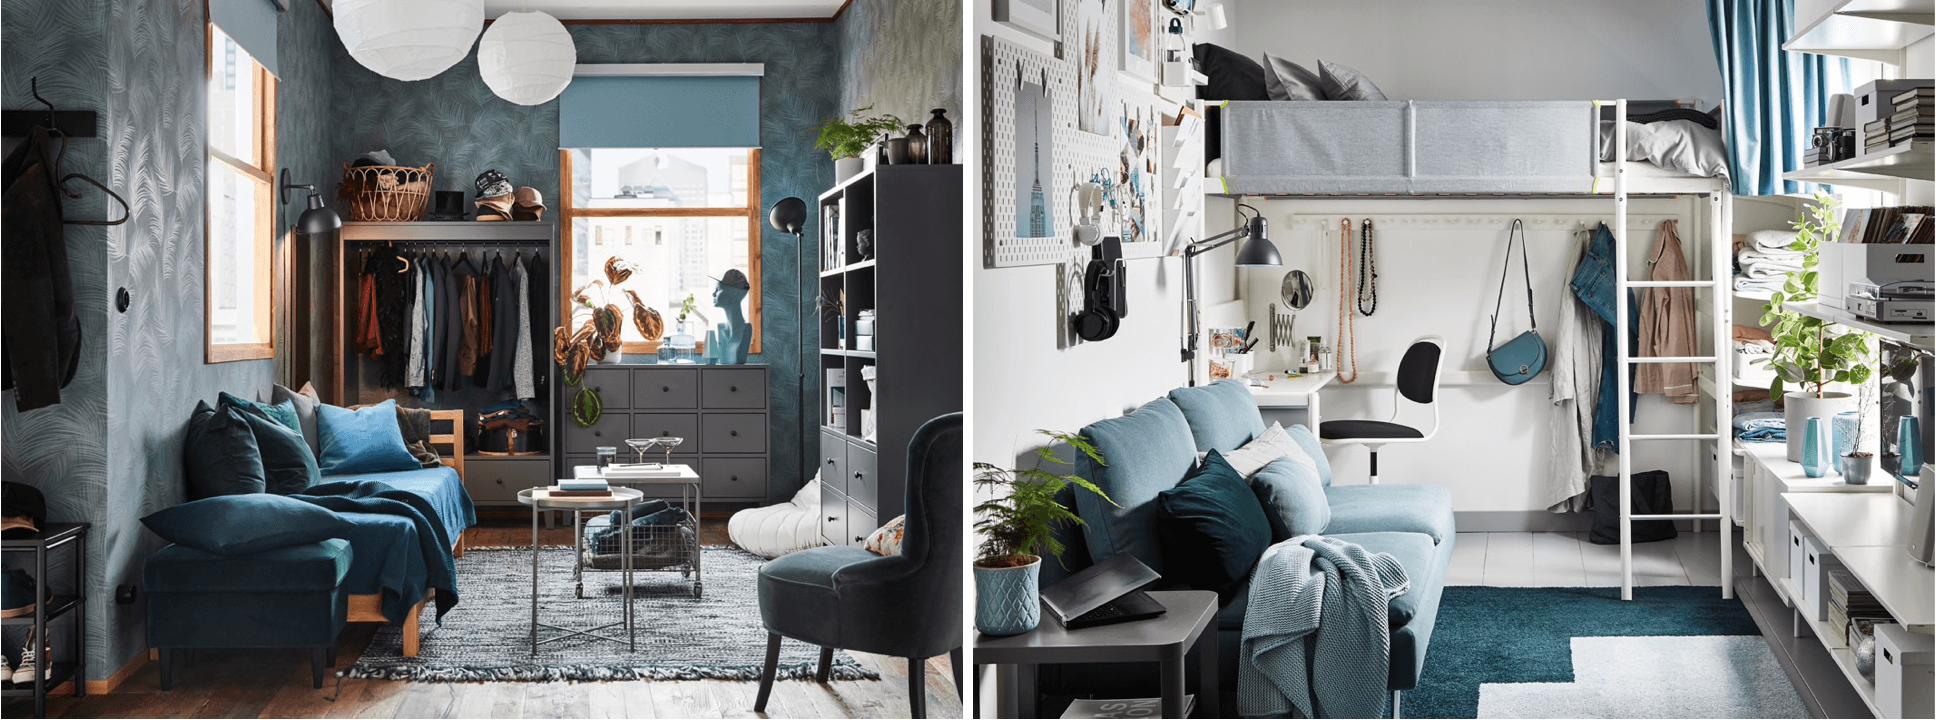 IKEAのイメージ